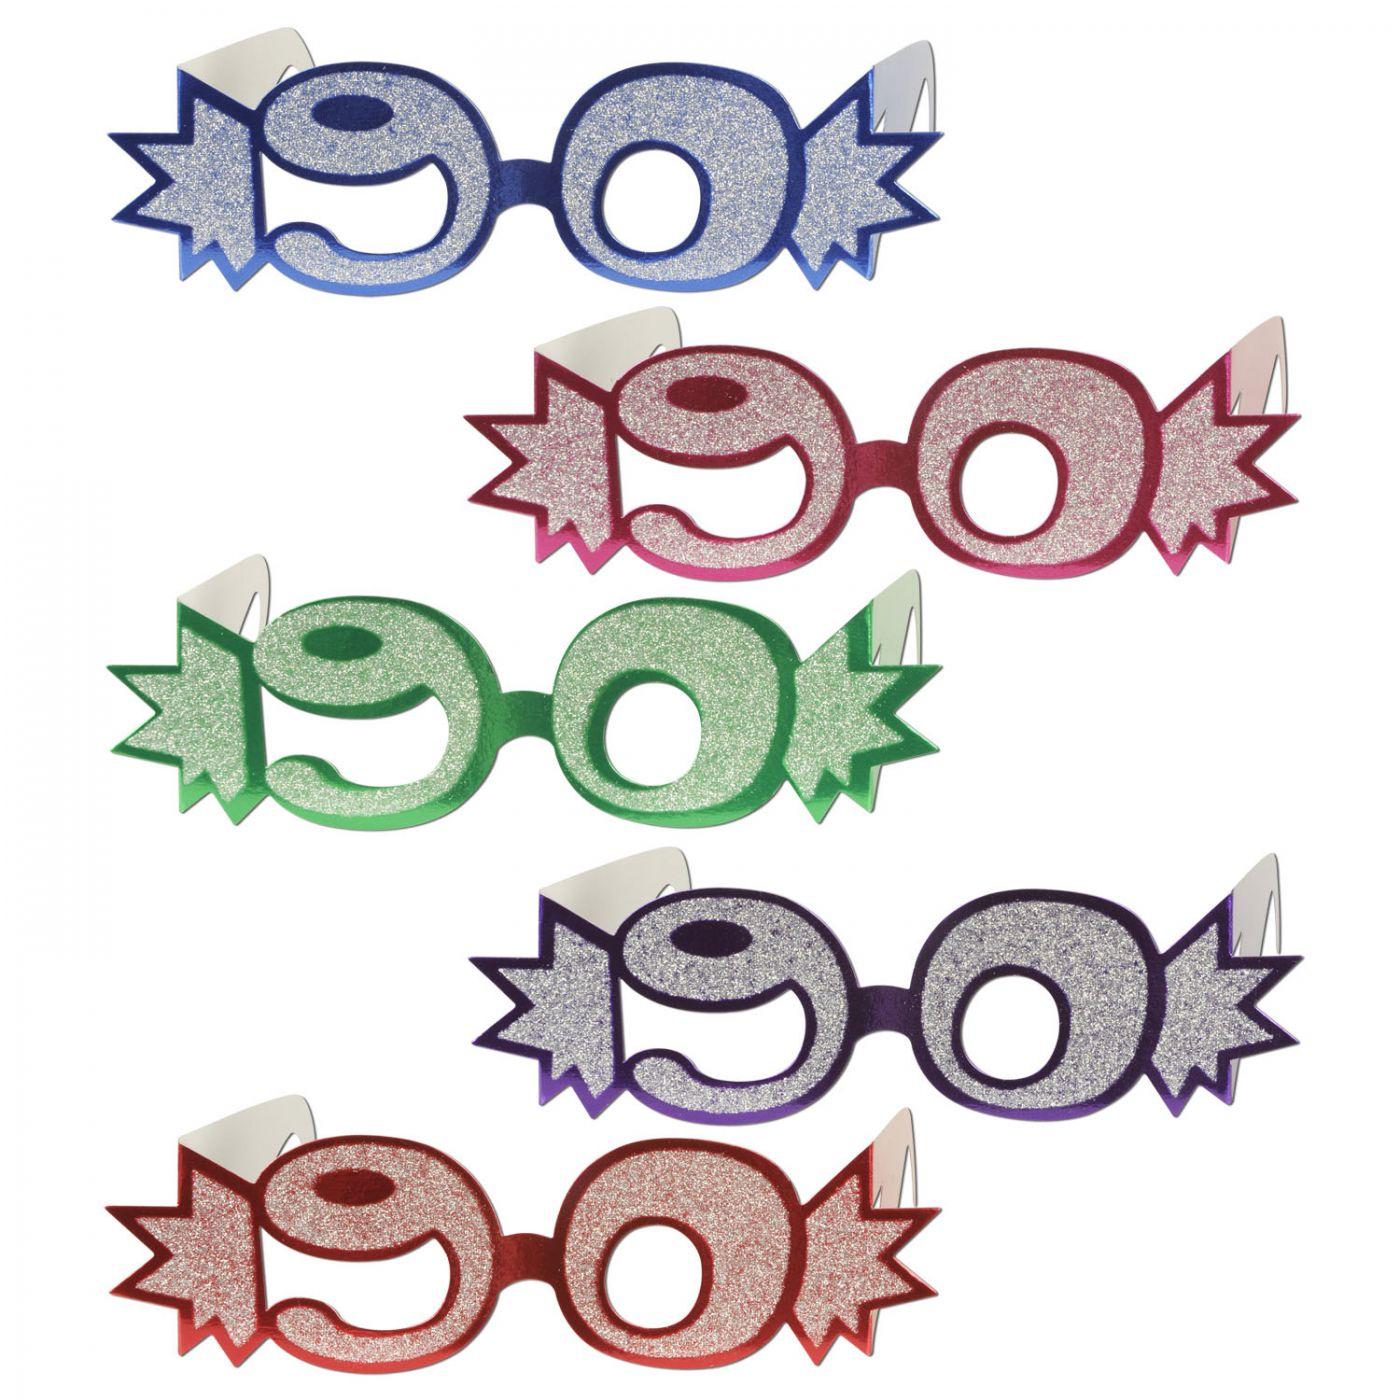 Image of  90  Glittered Foil Eyeglasses (25)